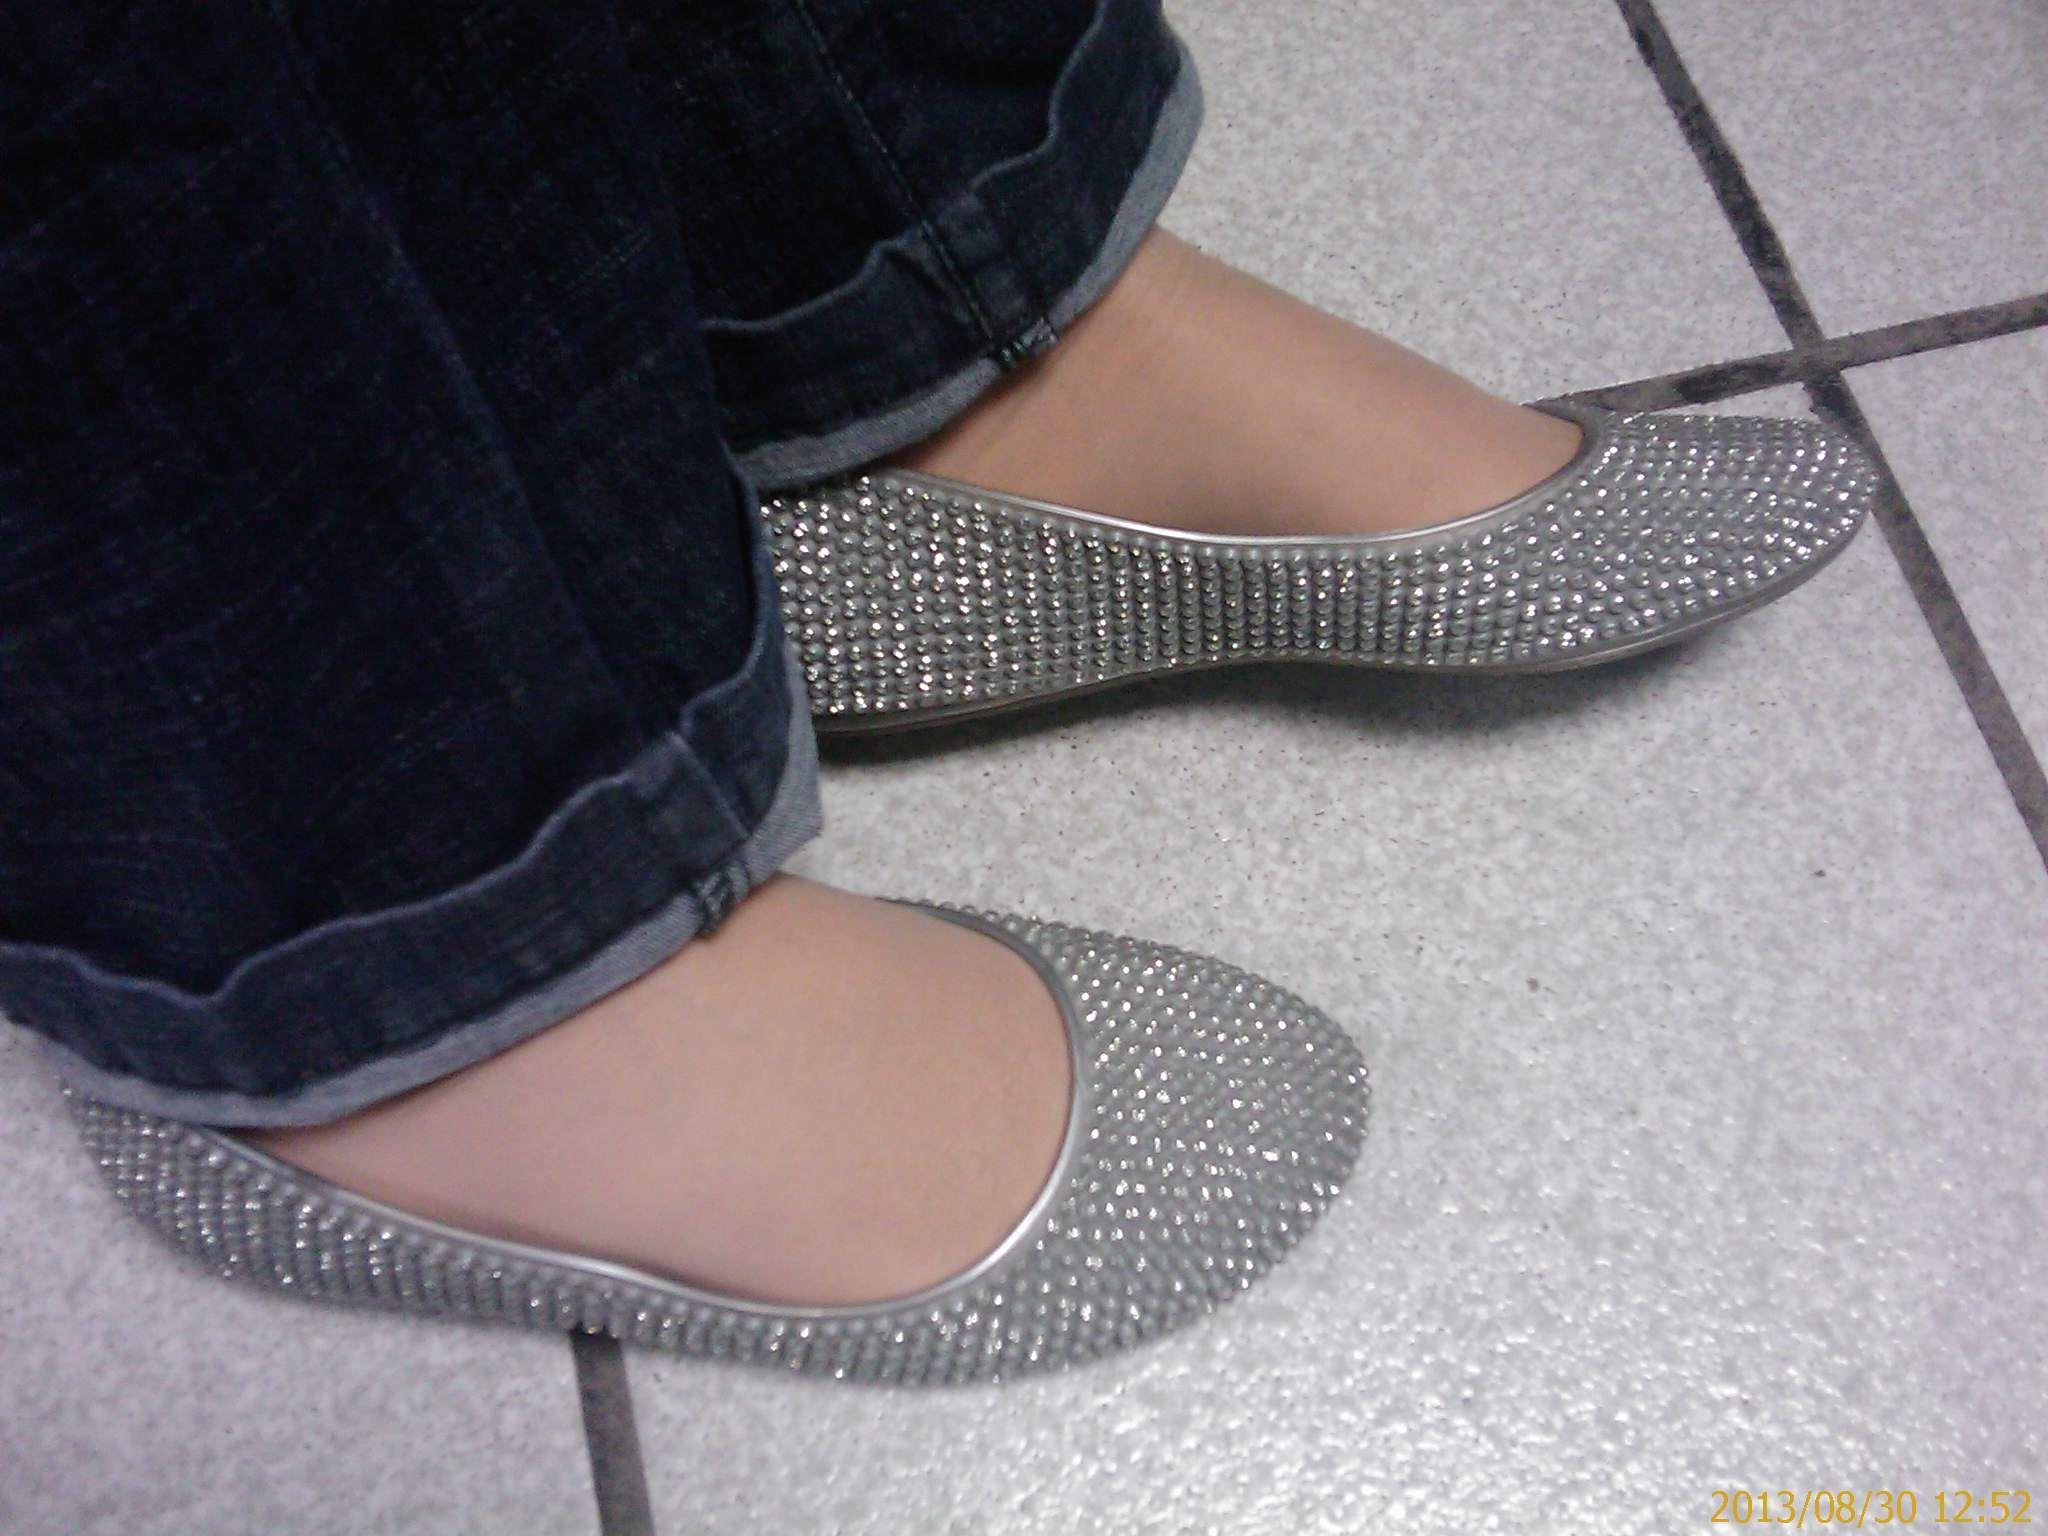 flats brillanes !!! me encantan!! :)